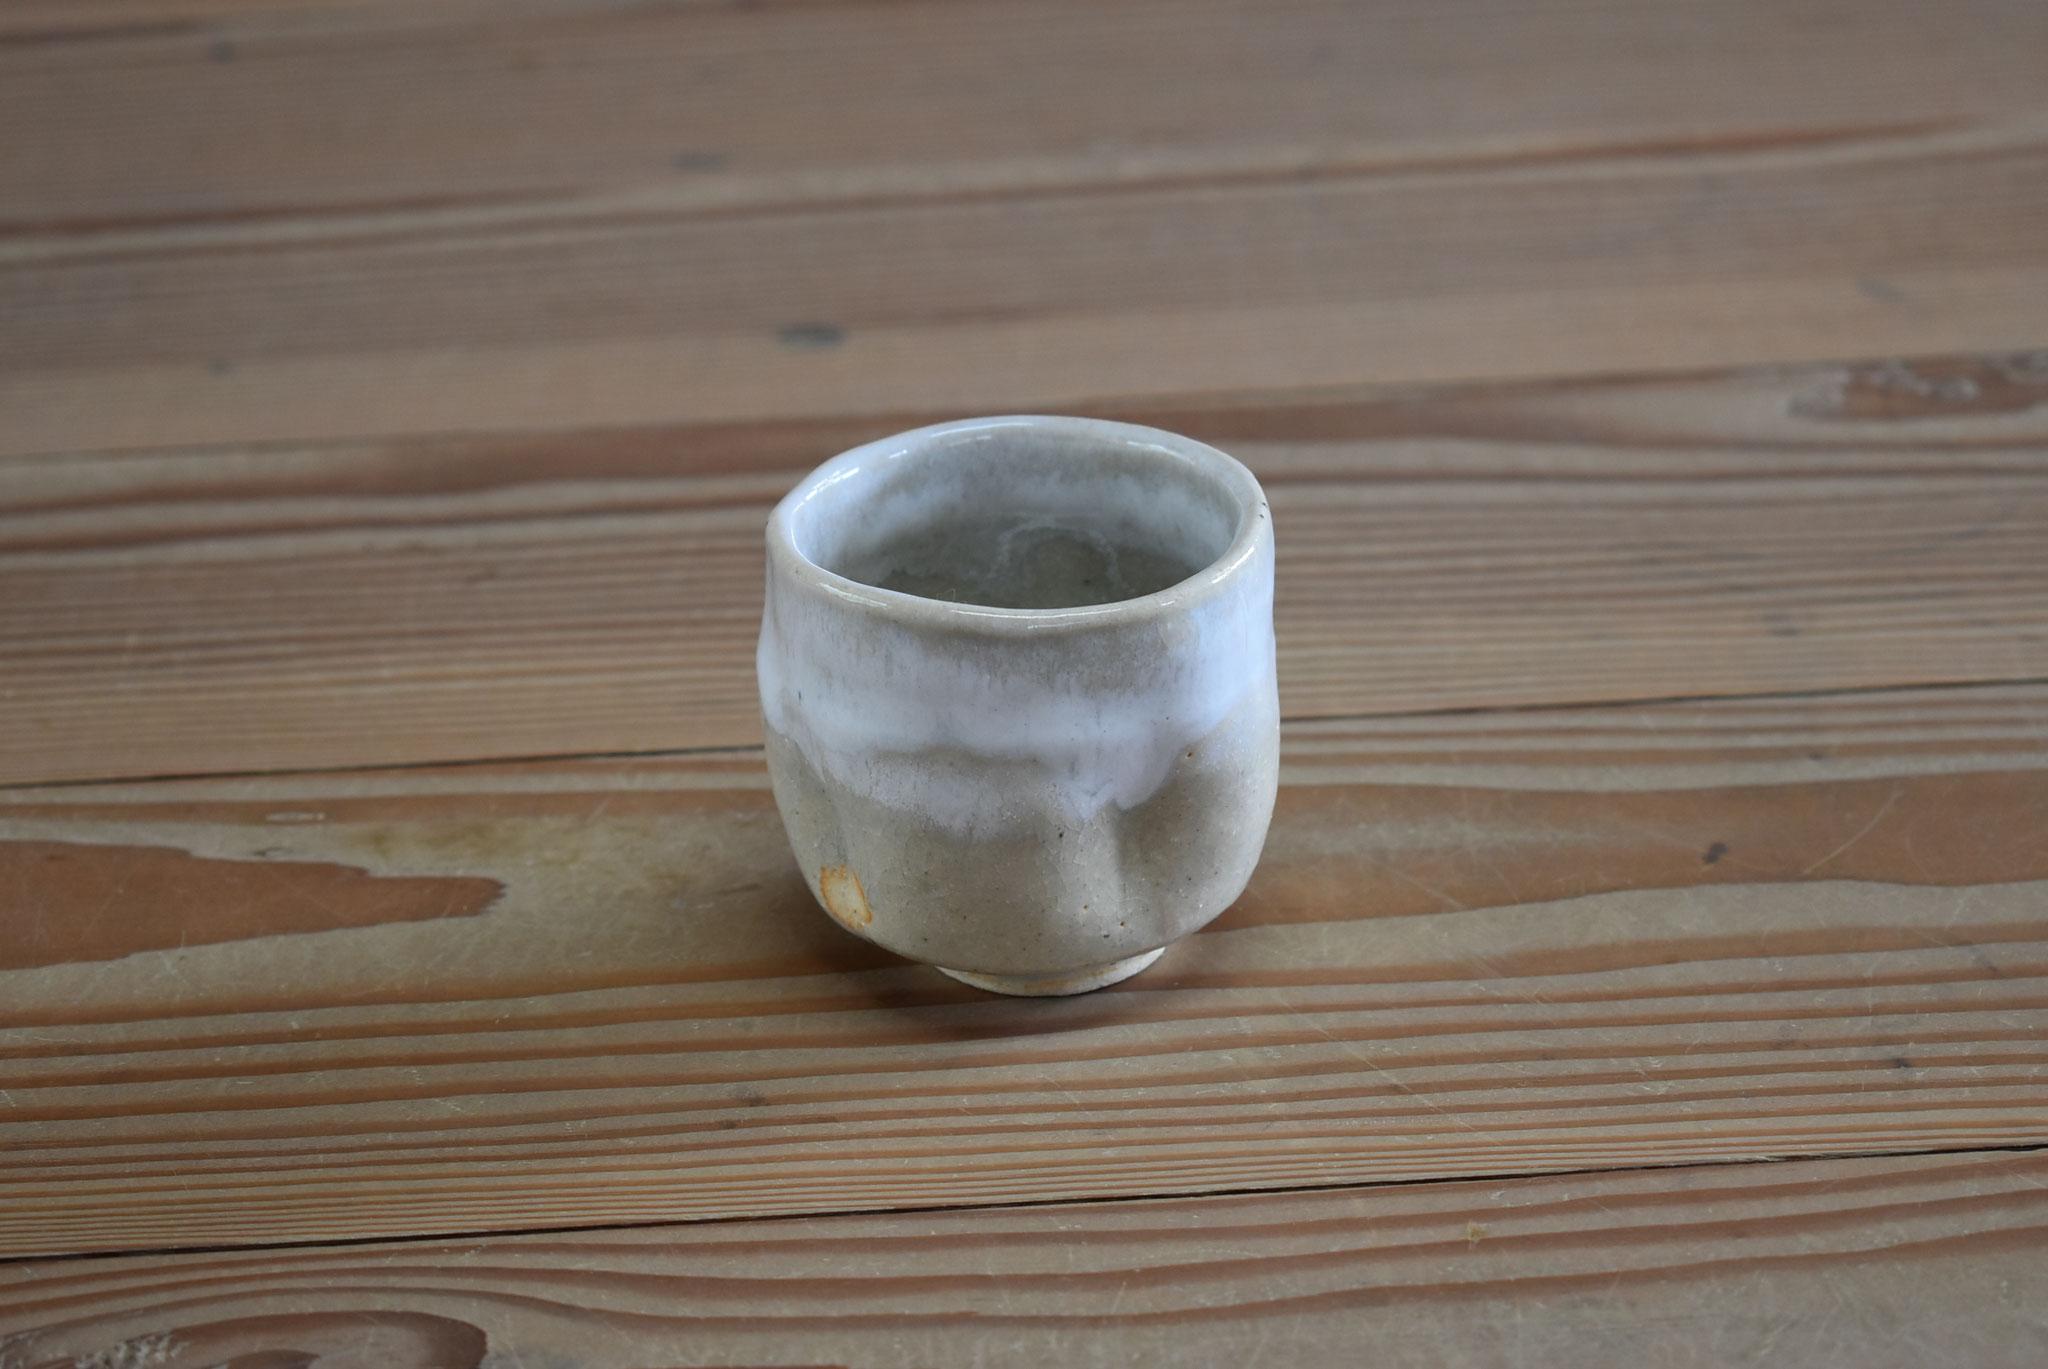 ぐい呑み:白土におふけ釉、口元に白マット釉